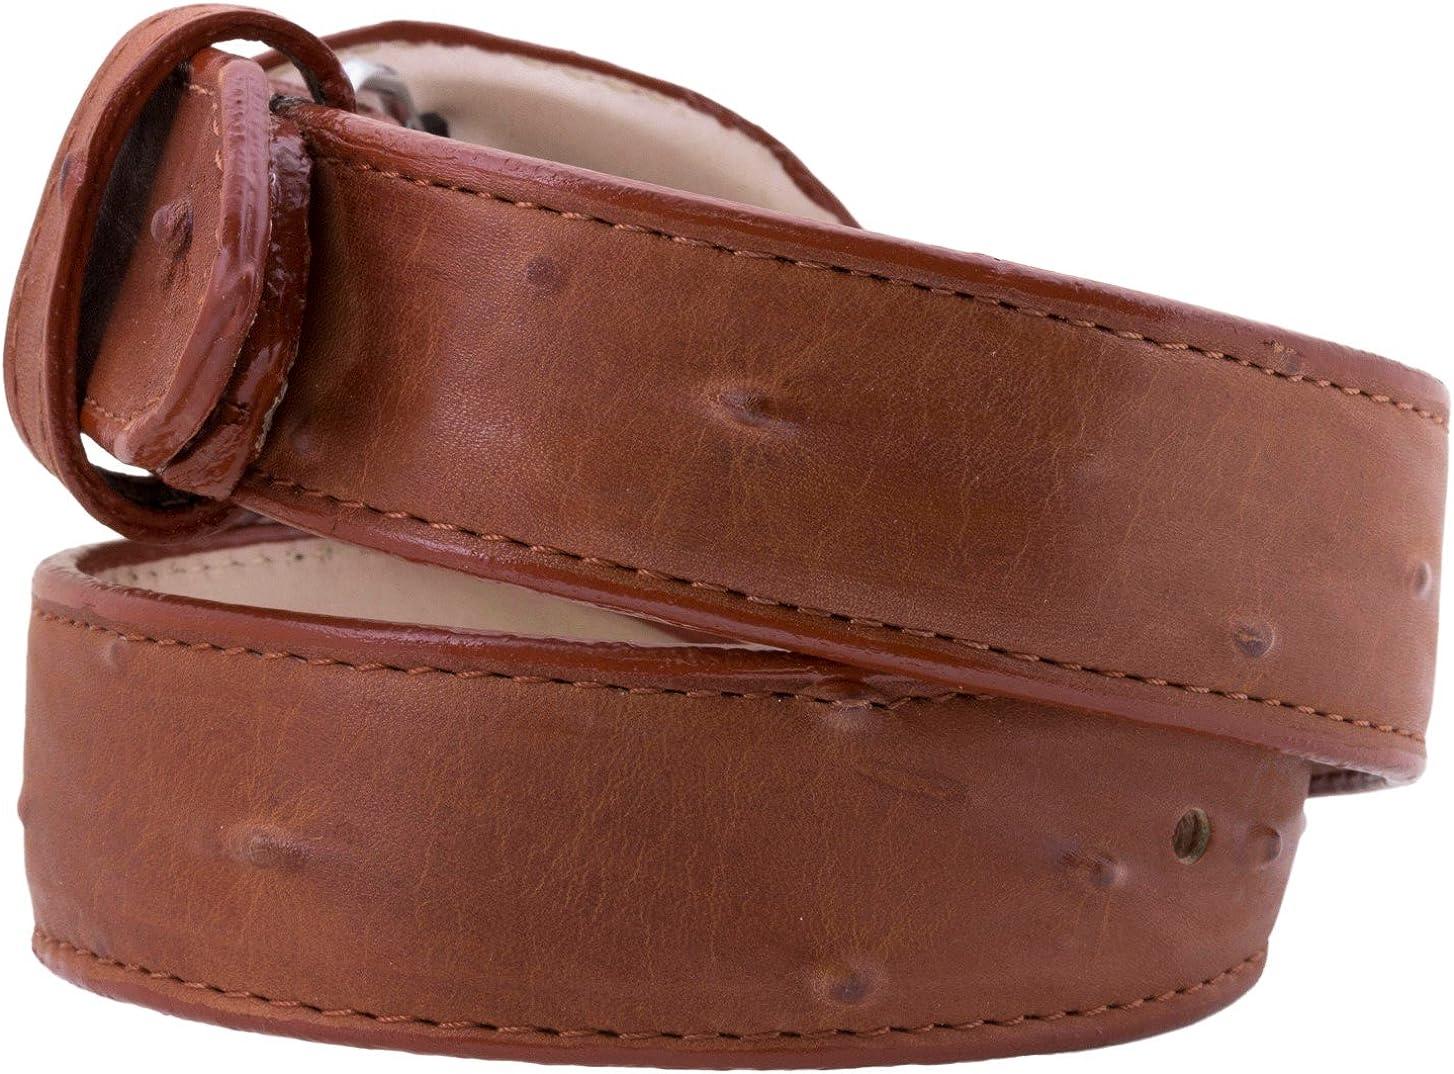 Kids Cowboy Western Belt Cognac Ostrich Pattern Leather Round Buckle 28